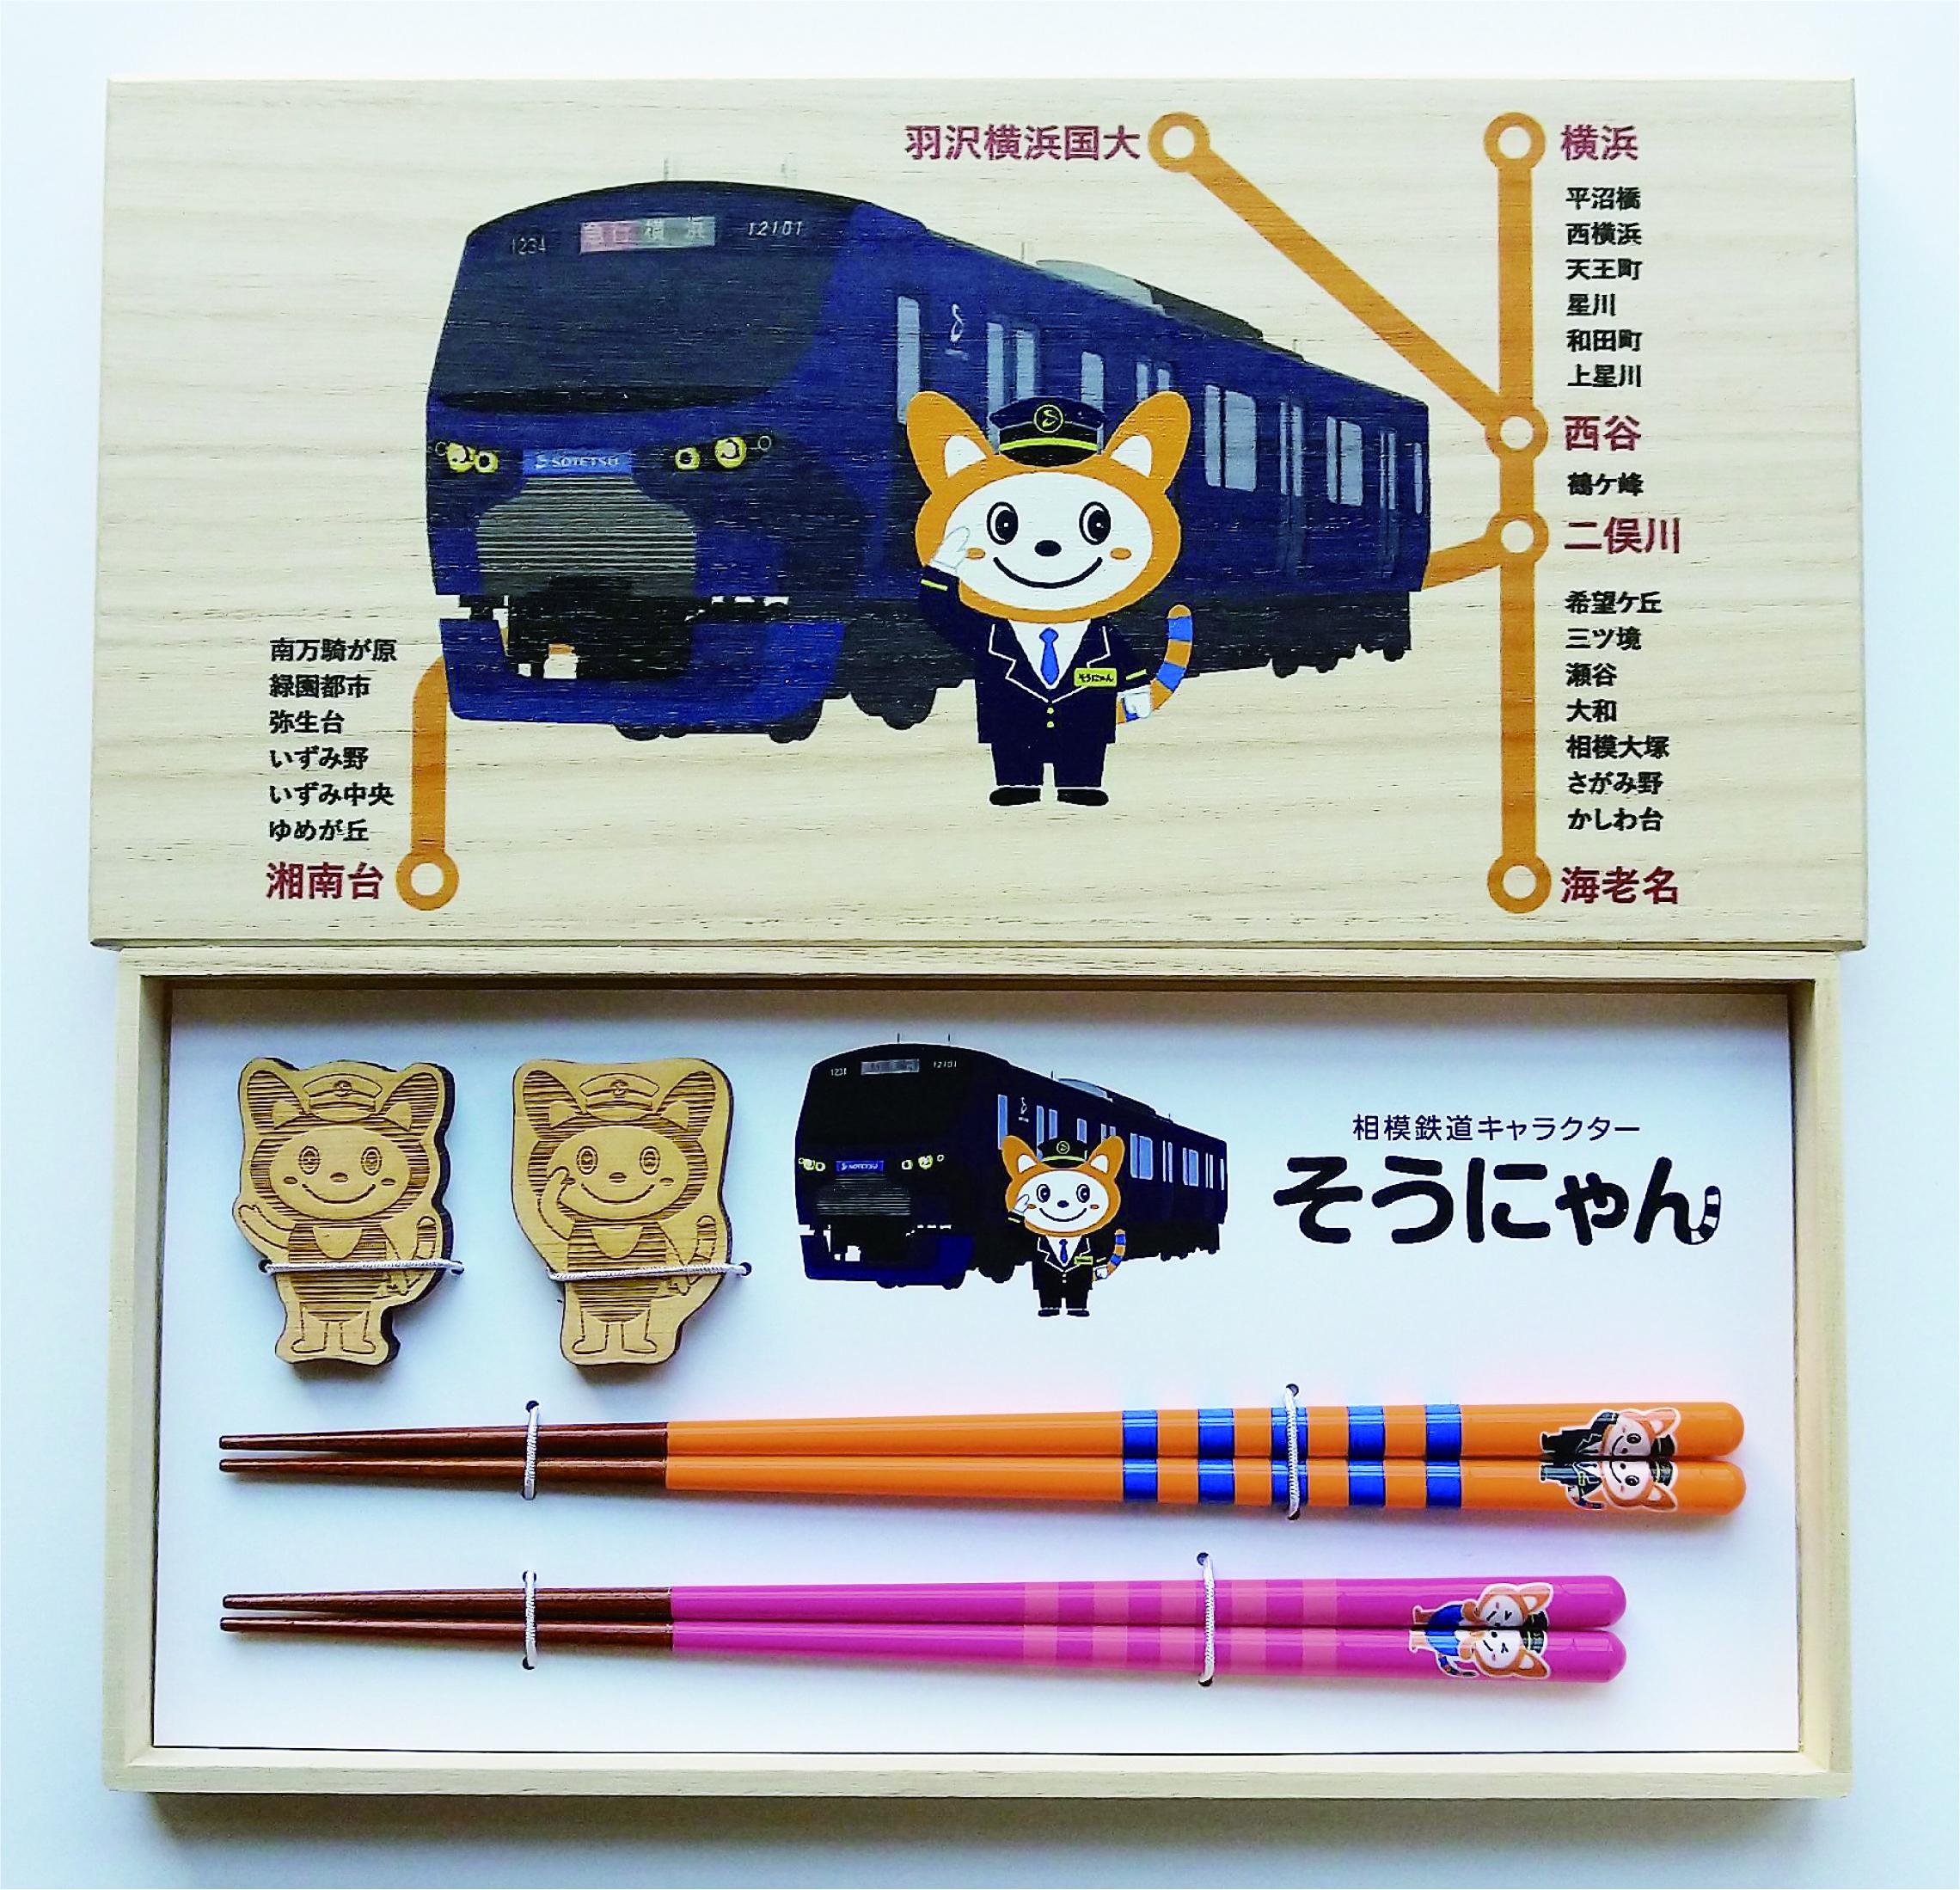 【高島屋限定】<相模鉄道>そうにゃんをプリントした箸・スプーンを販売!!1月27日(水)よりオンラインストアで先行販売!